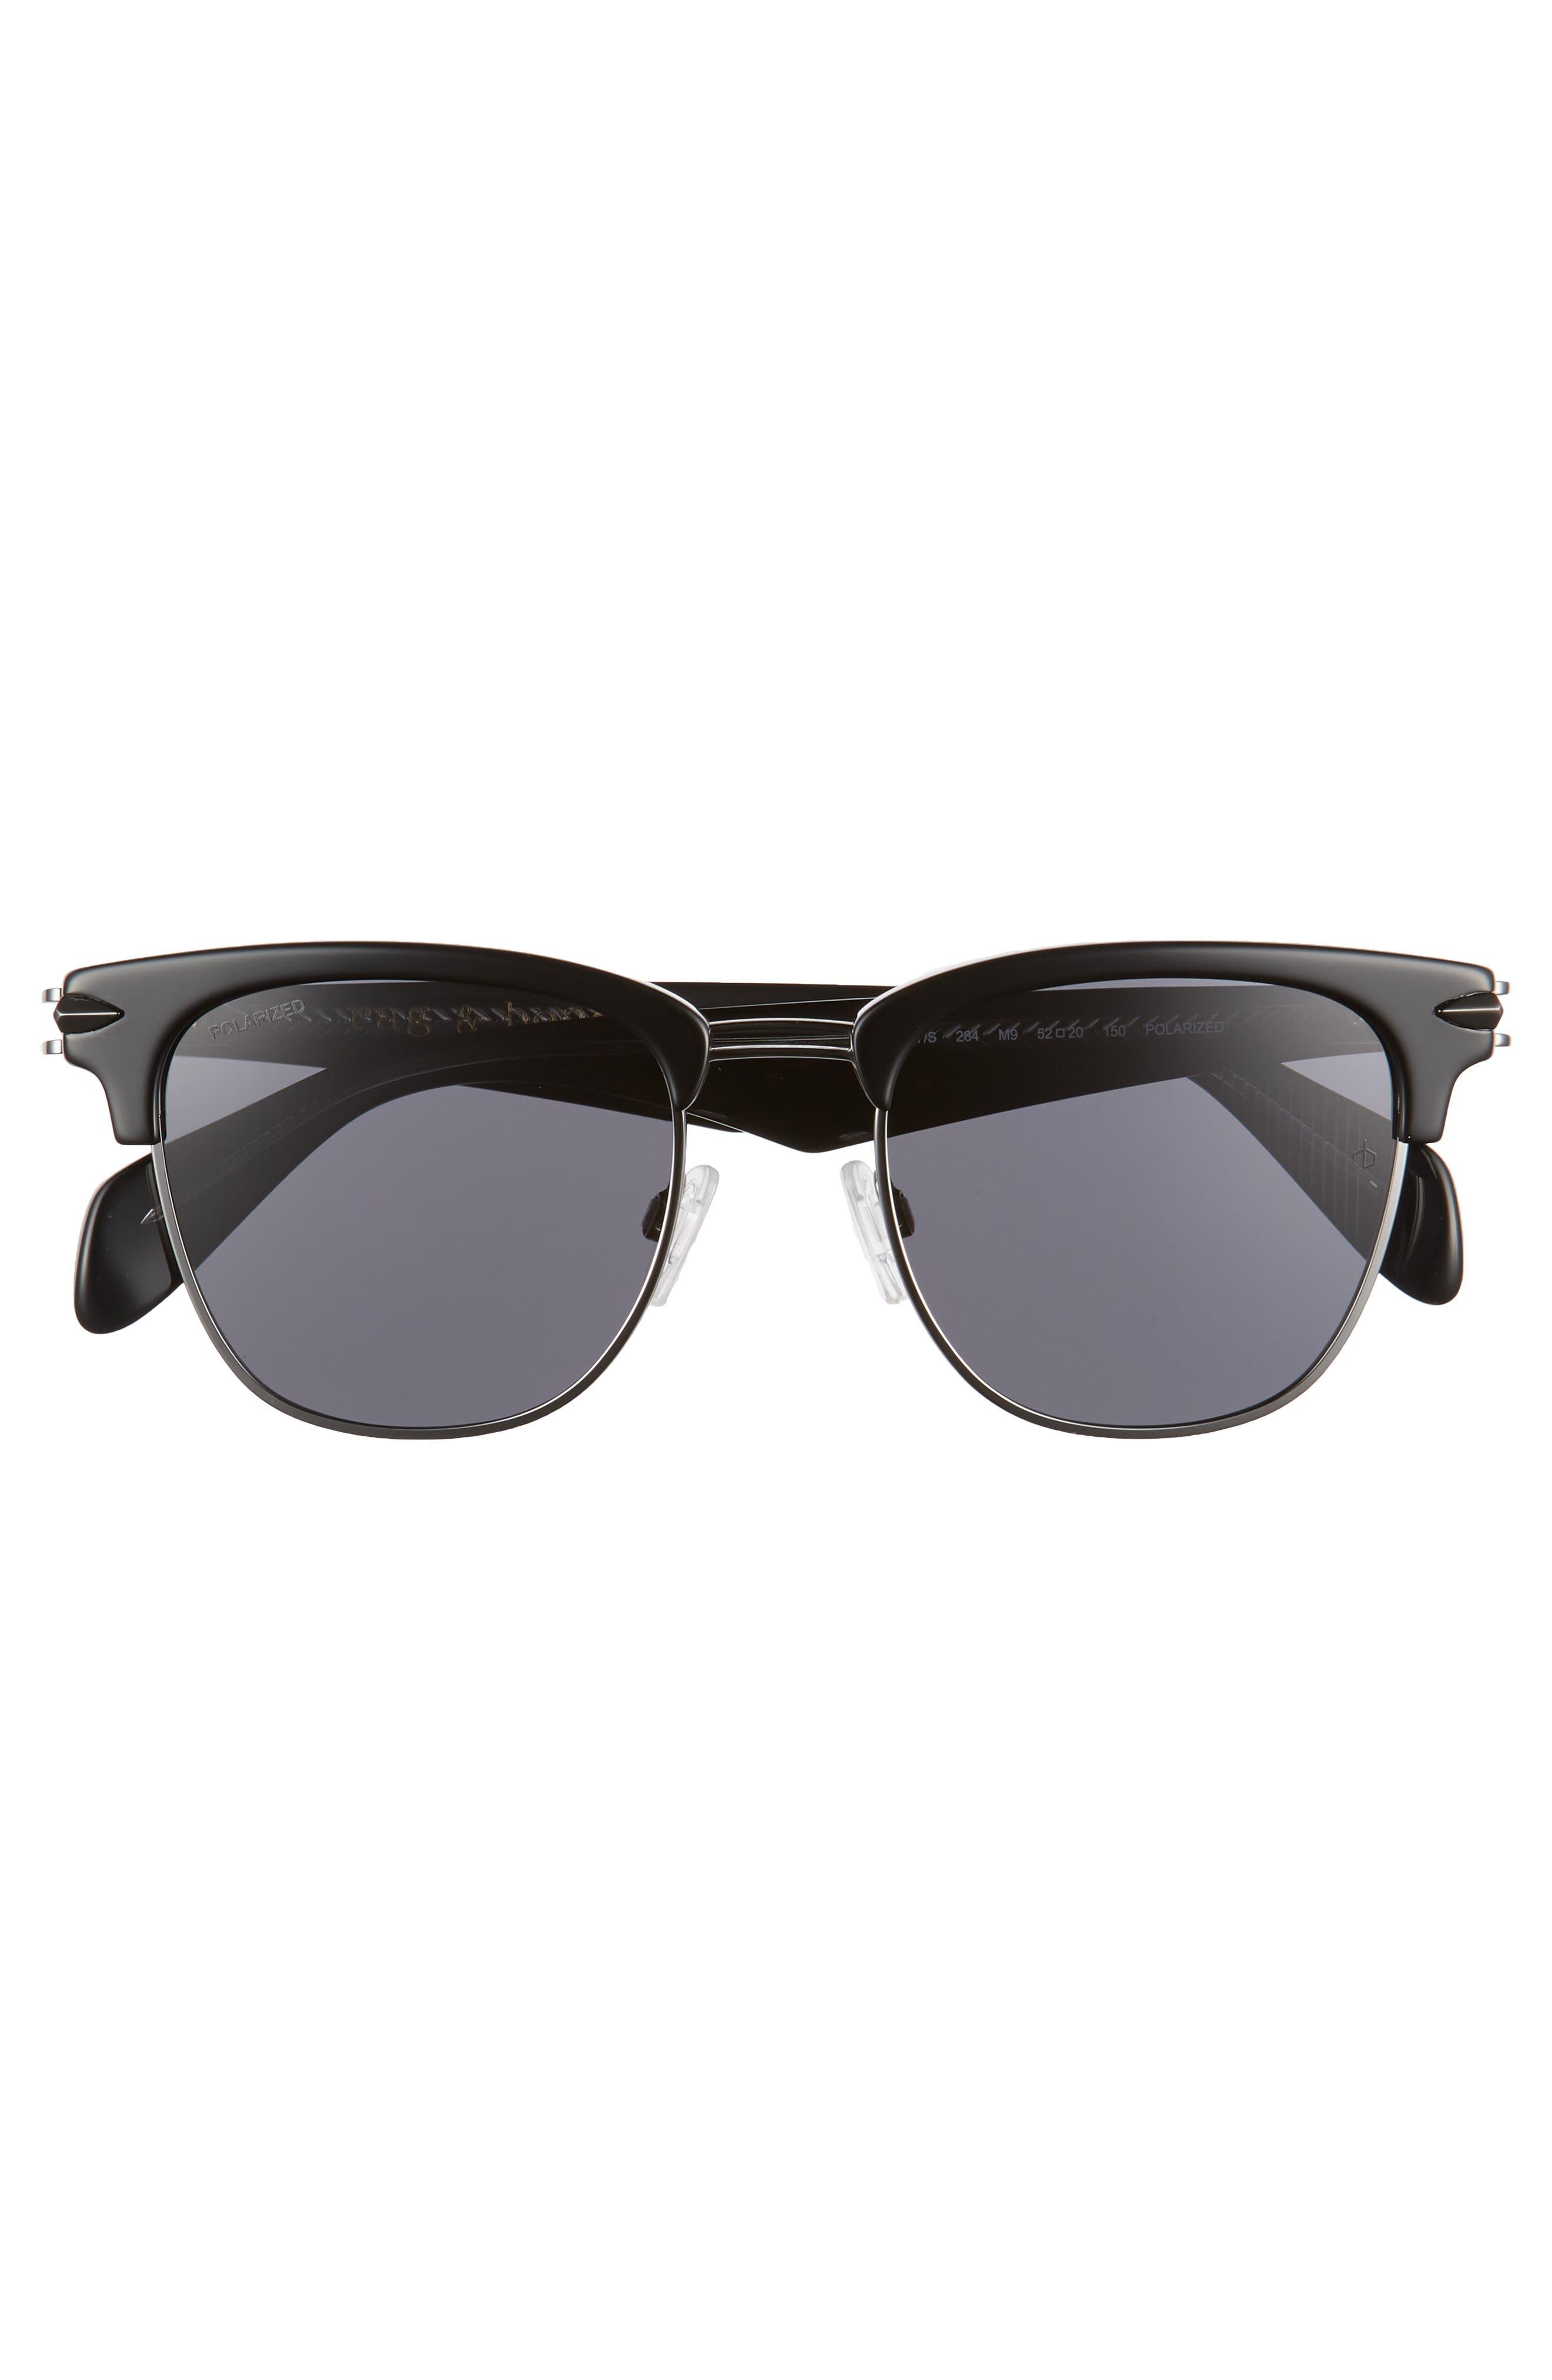 52mm Polarized Sunglasses,                             Alternate thumbnail 2, color,                             Black Ruth/ Polar